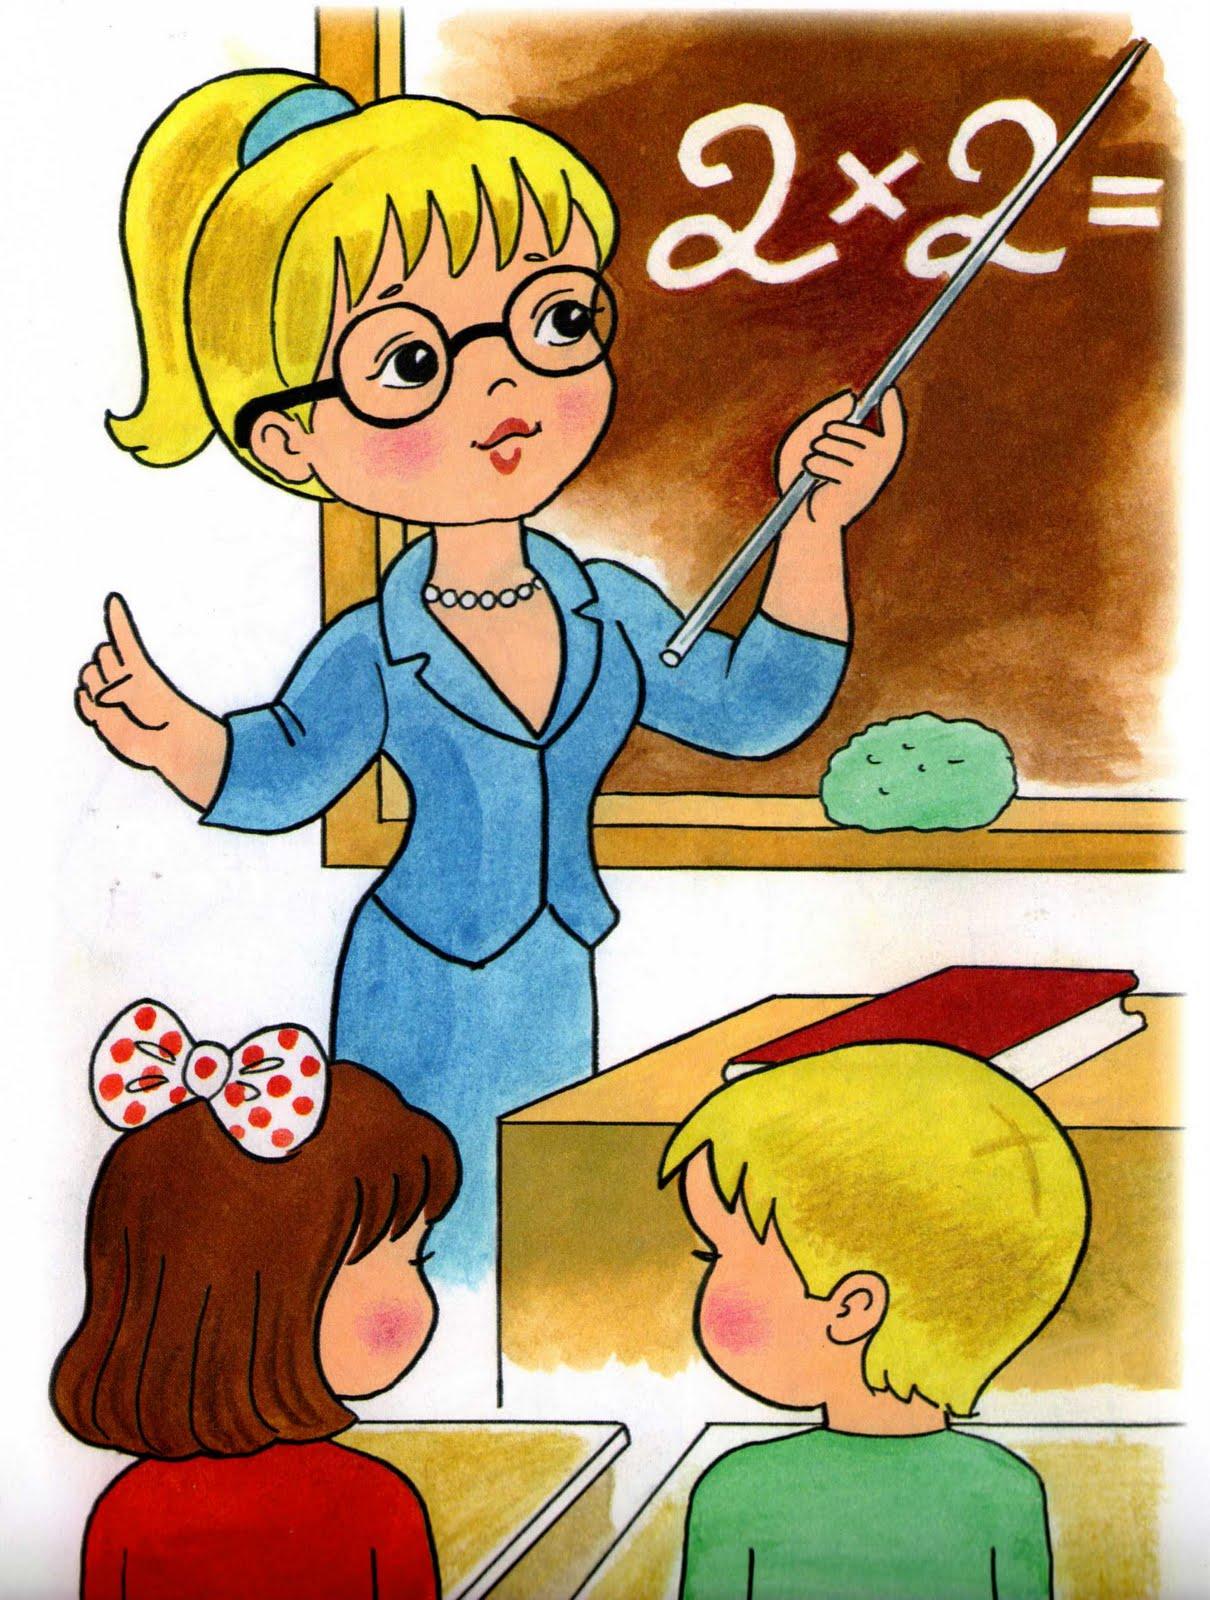 рисунок про уроки